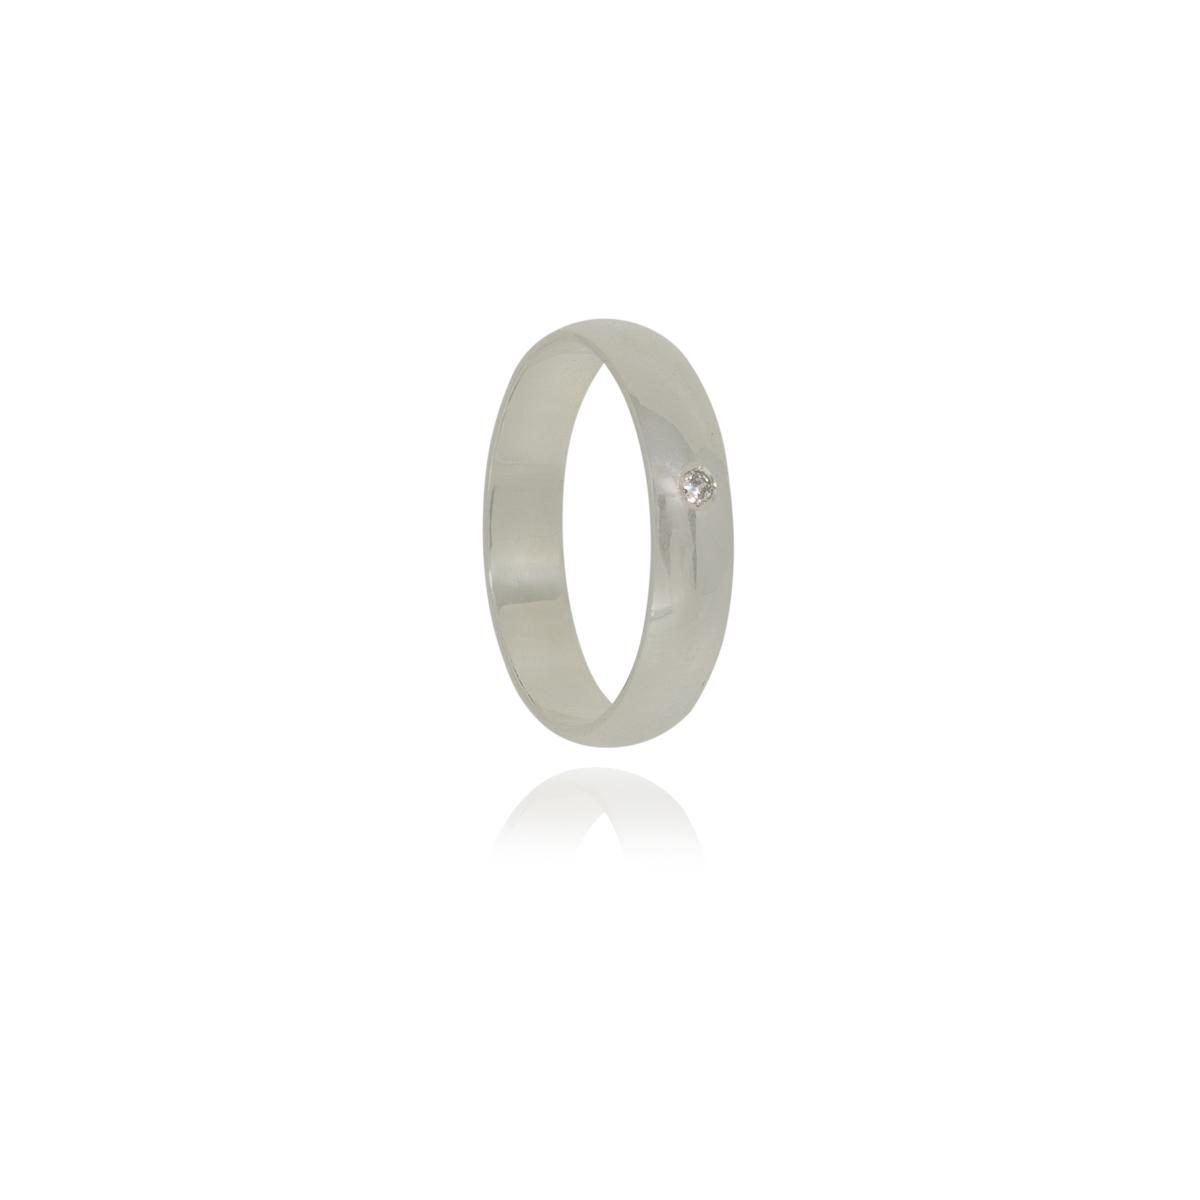 Aliança tradicional com ponto de luz em prata 925 pura de 4 mm